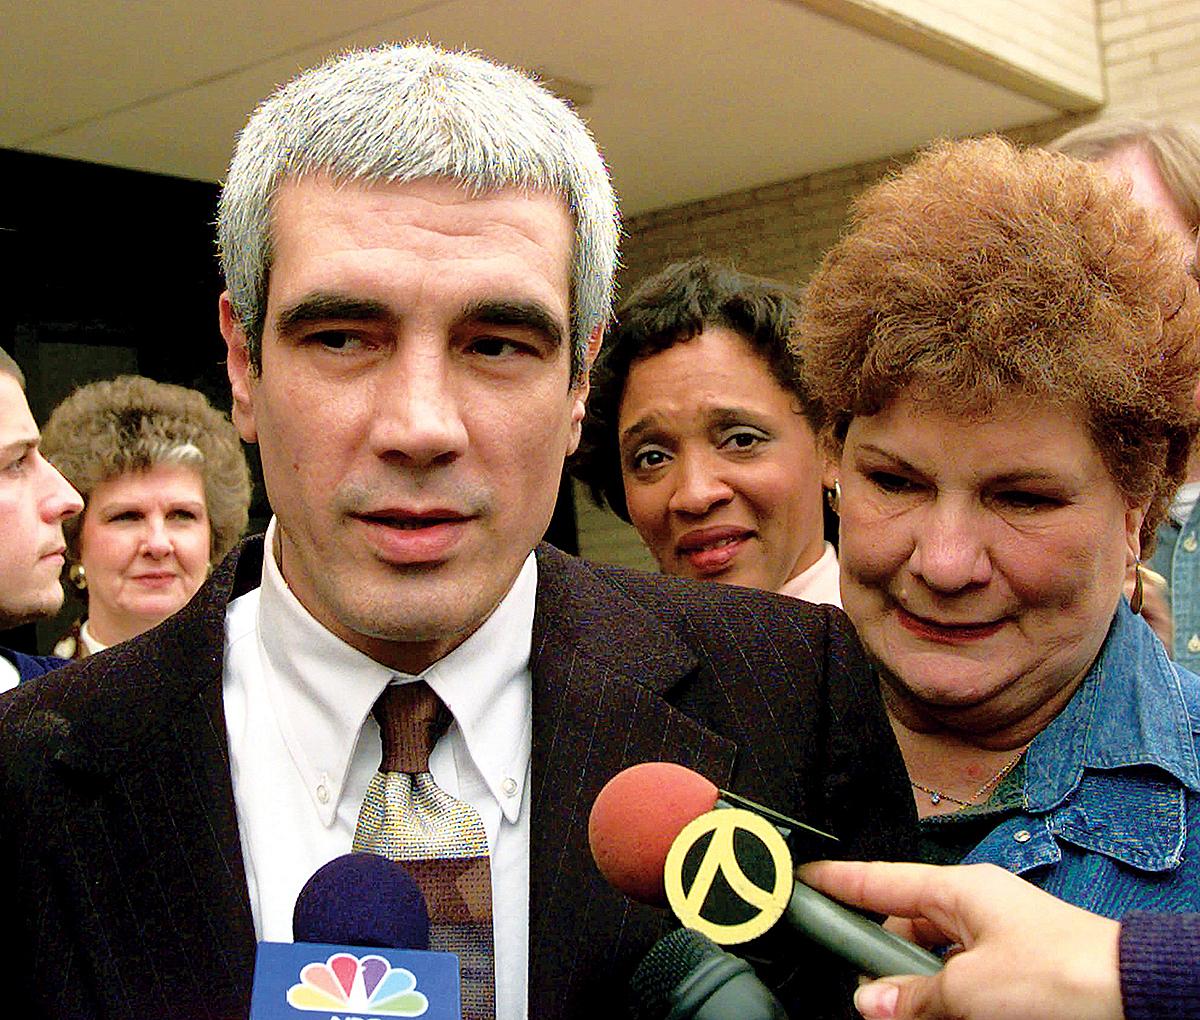 Kerry Max Cook và mẹ trong ngày được tại ngoại, tháng 11/1996. Ảnh: AP